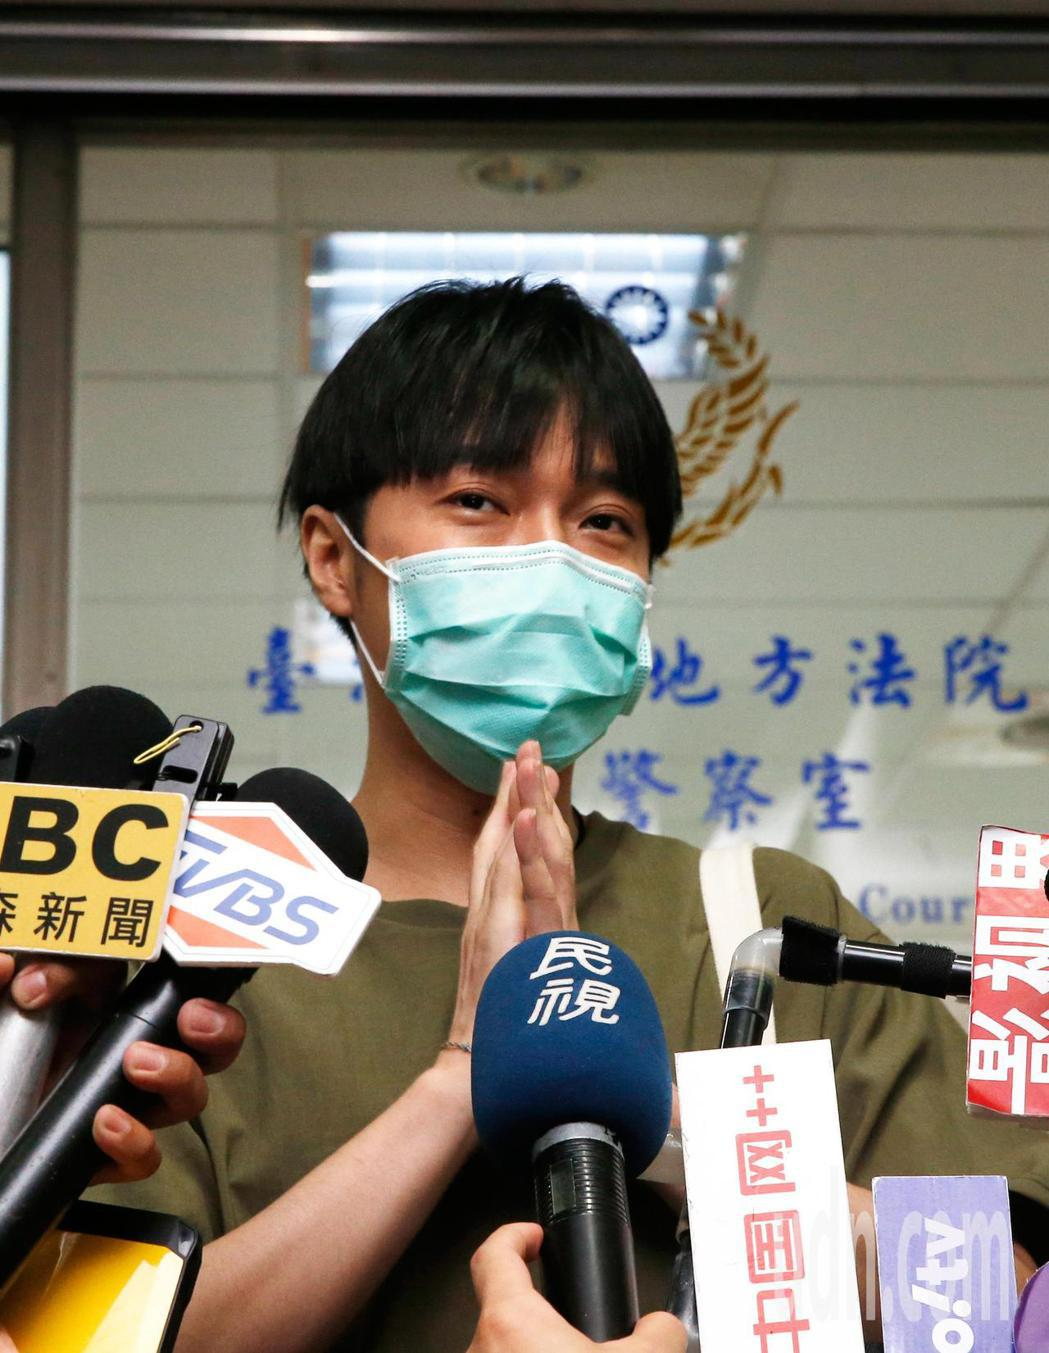 蘇打綠主唱吳青峰在台北地方法院開庭結束後,短暫地發表聲明,也謝謝大家關心。記者鄭